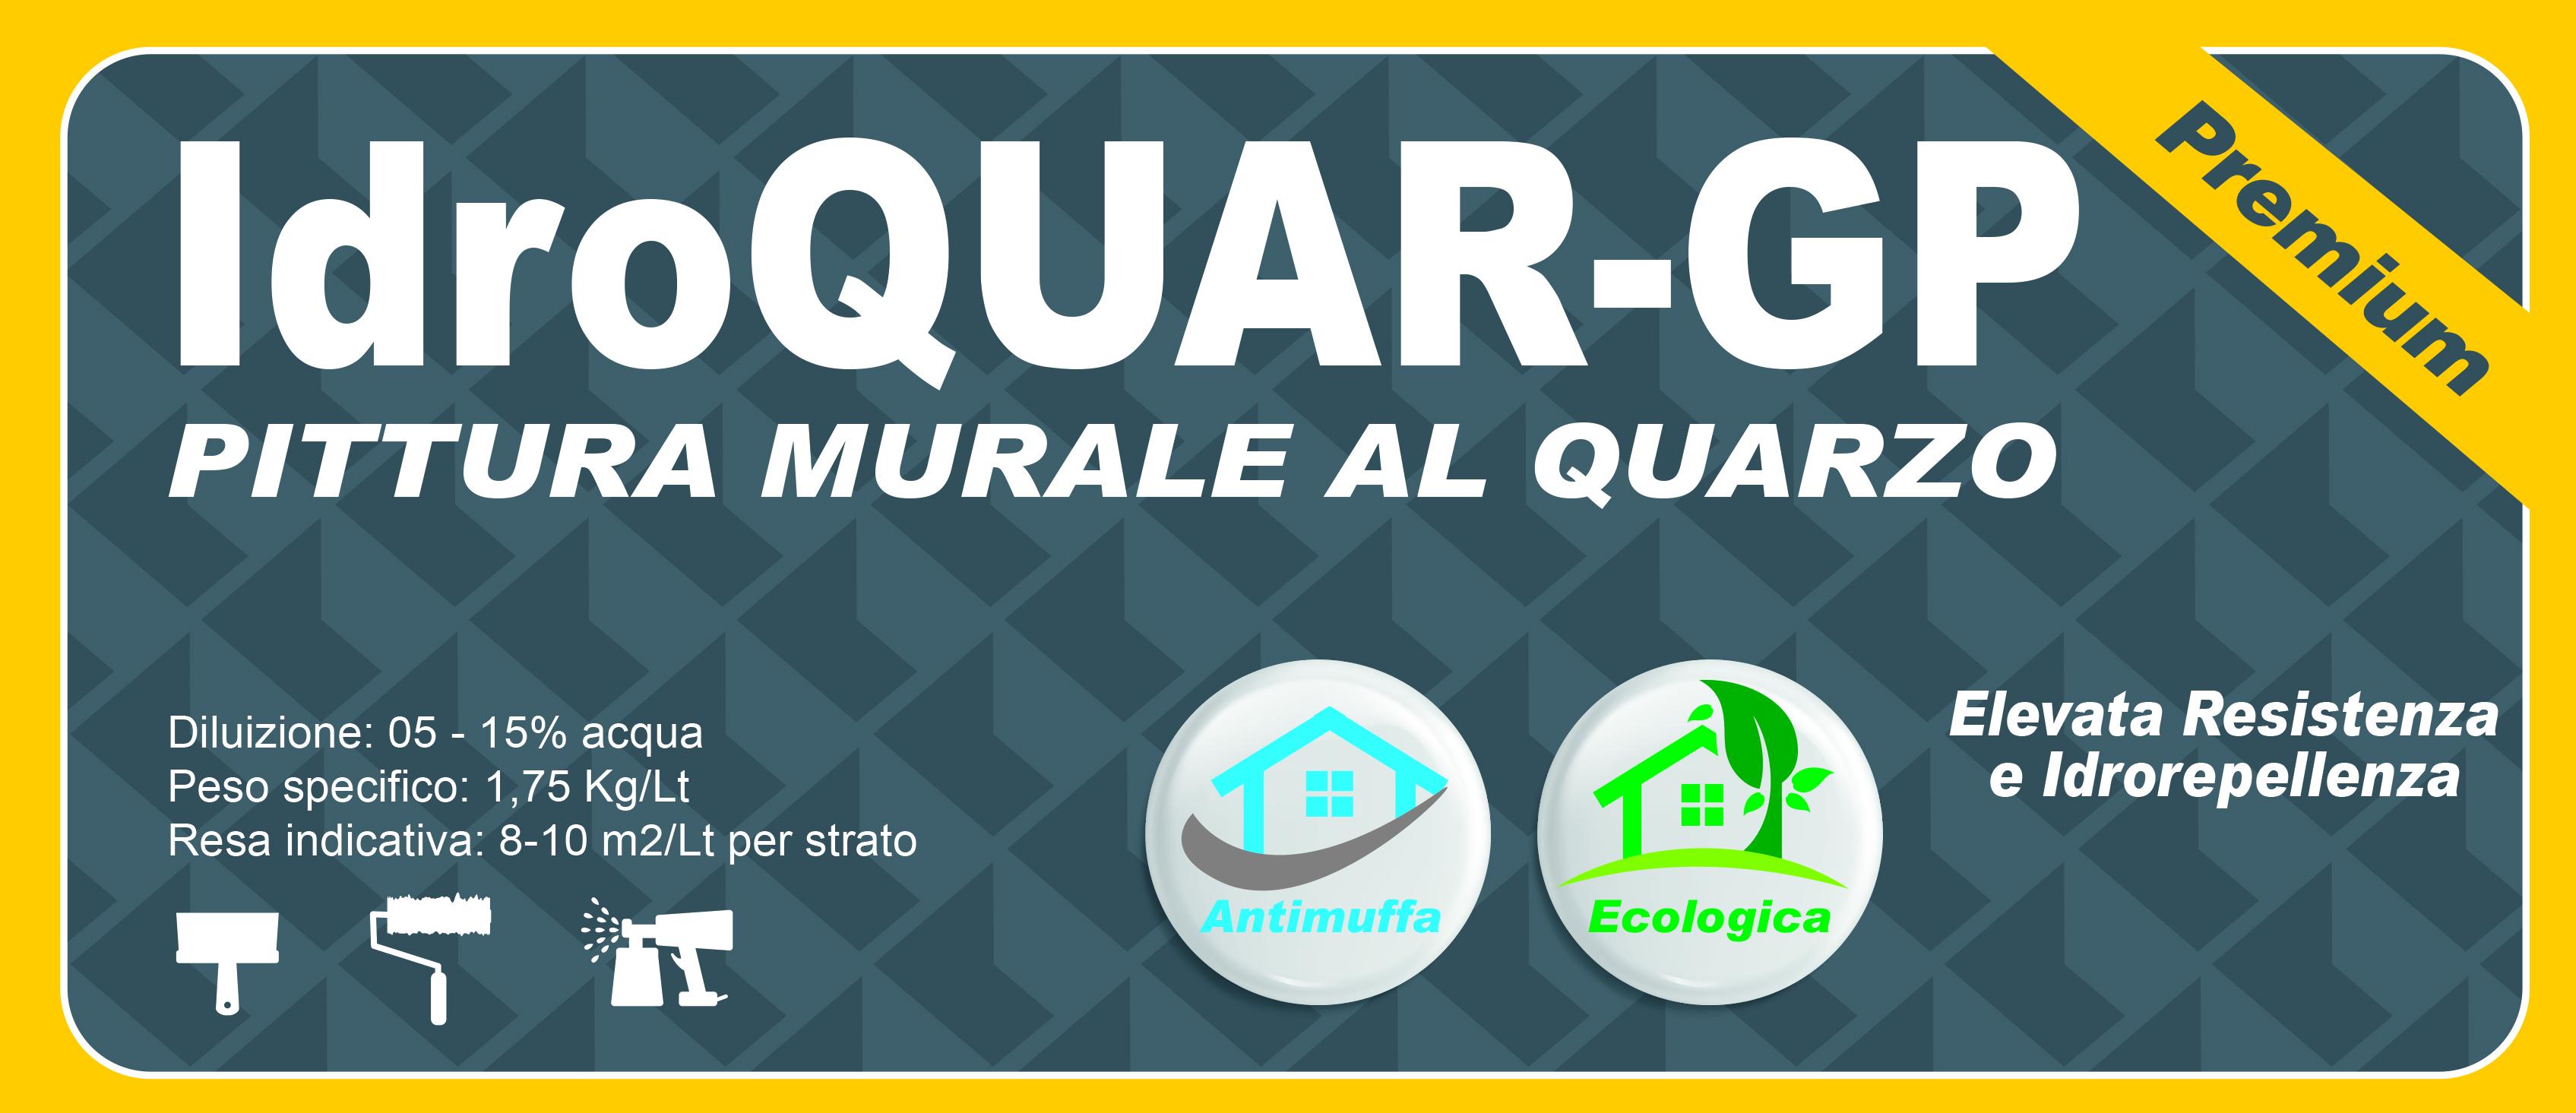 QUARZO PREMIUM - IdroQUAR-GP GRIGIO CEMENTO 14 LT